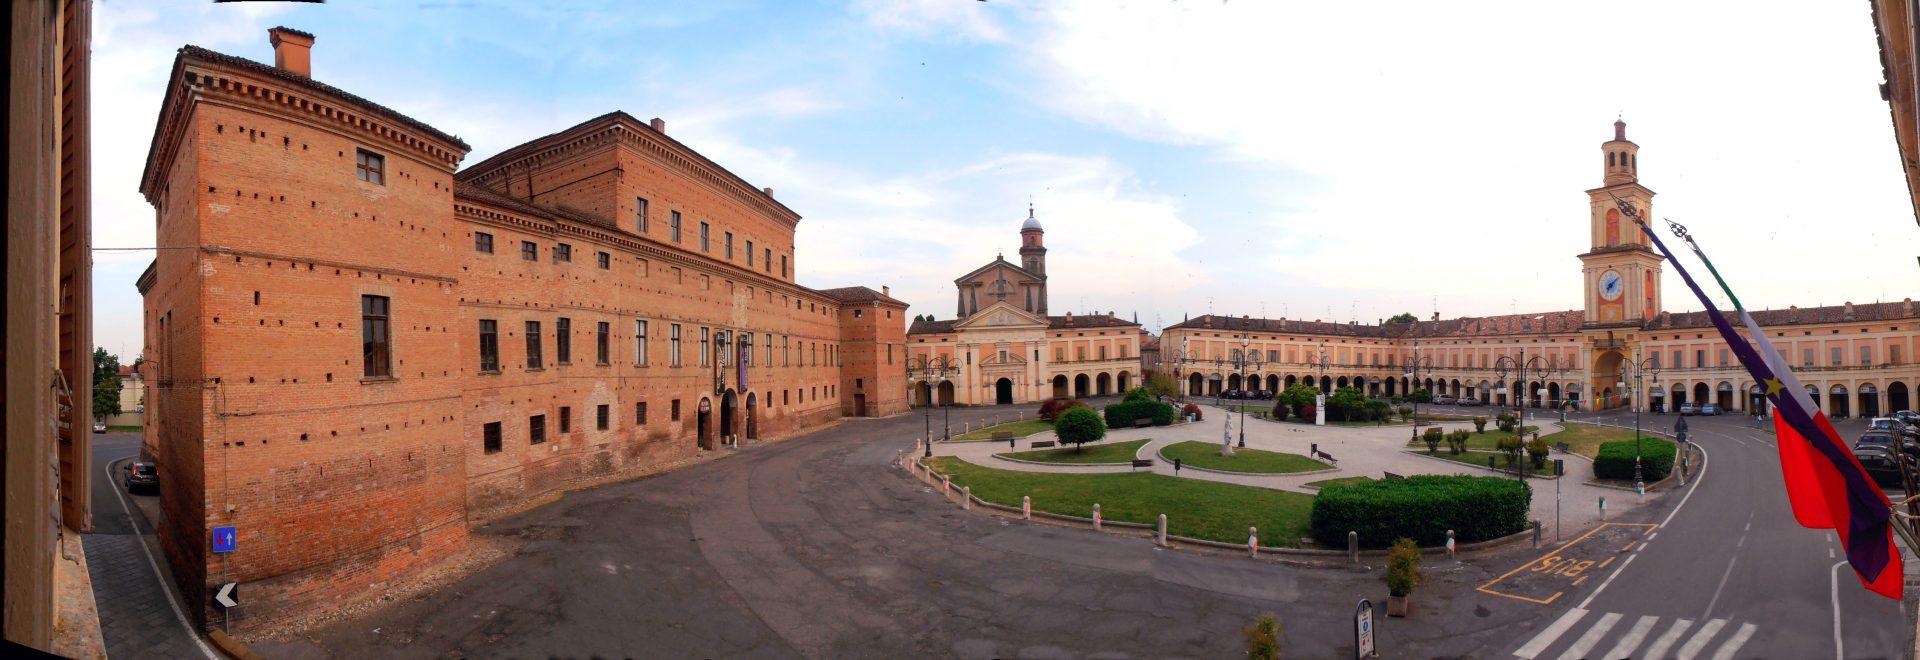 Dentro Palazzo Bentivoglio e ai suoi due Musei: Antonio Ligabue e Donazione Tirelli - Trappetti